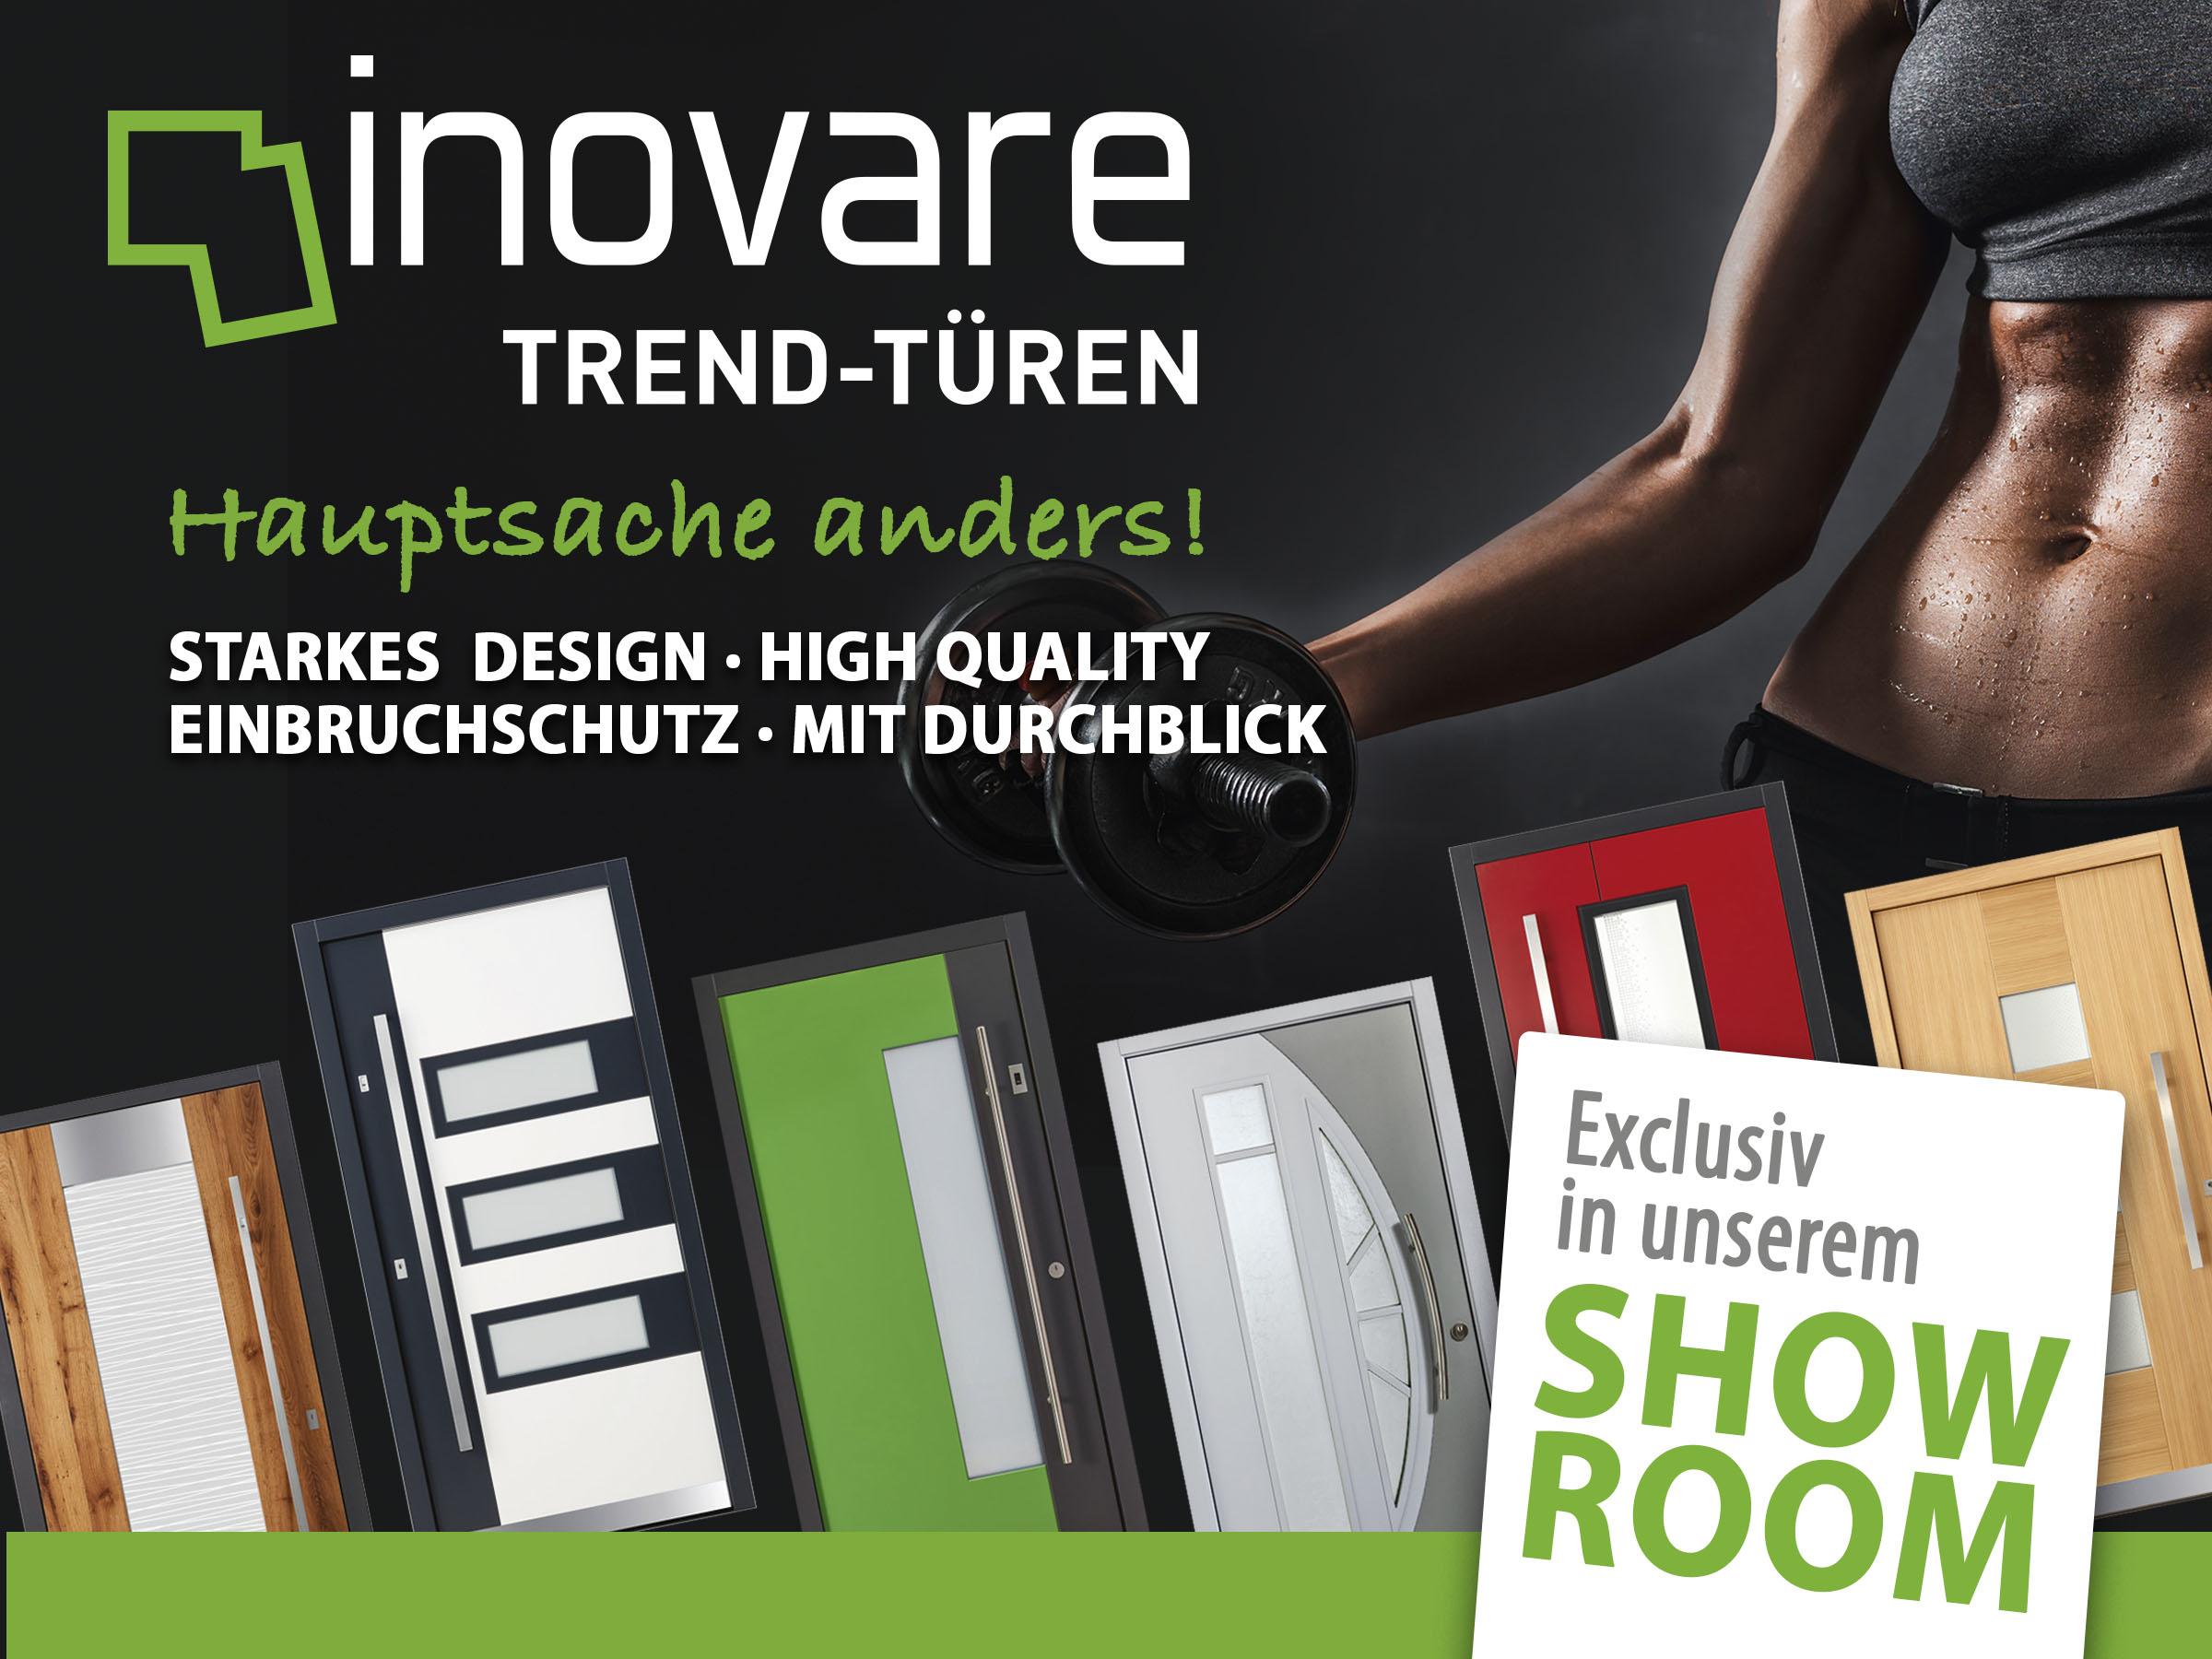 Inovare Trendtüren –Strakes Desing - High Quality - Einbruchschutz - mit Durchblick